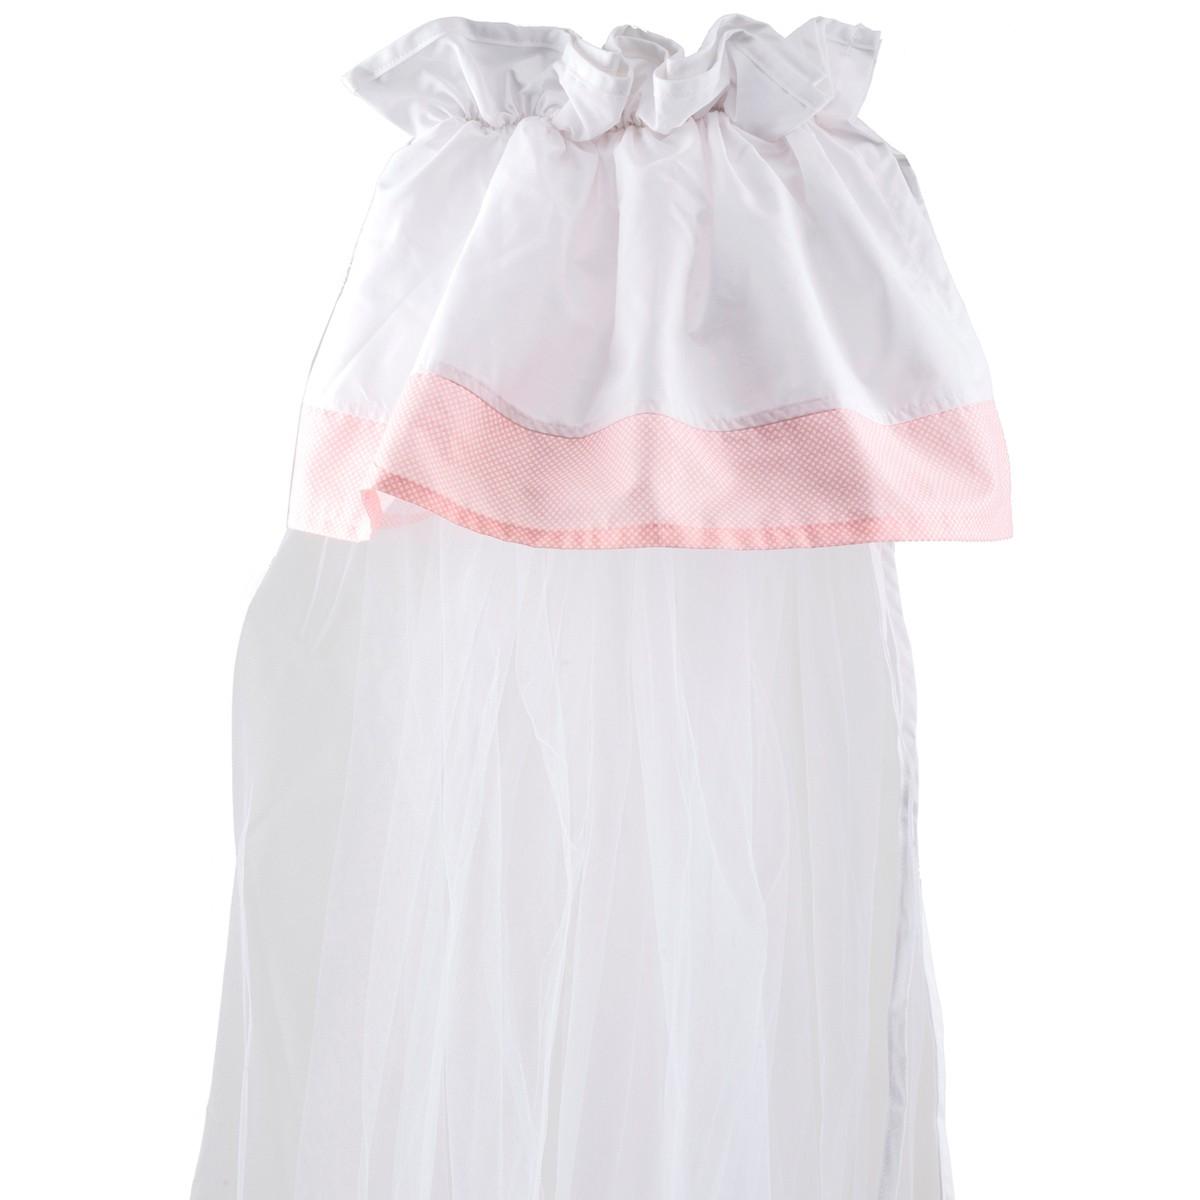 Κουνουπιέρα Κούνιας Κόσμος Του Μωρού Countryside 0682 Ροζ